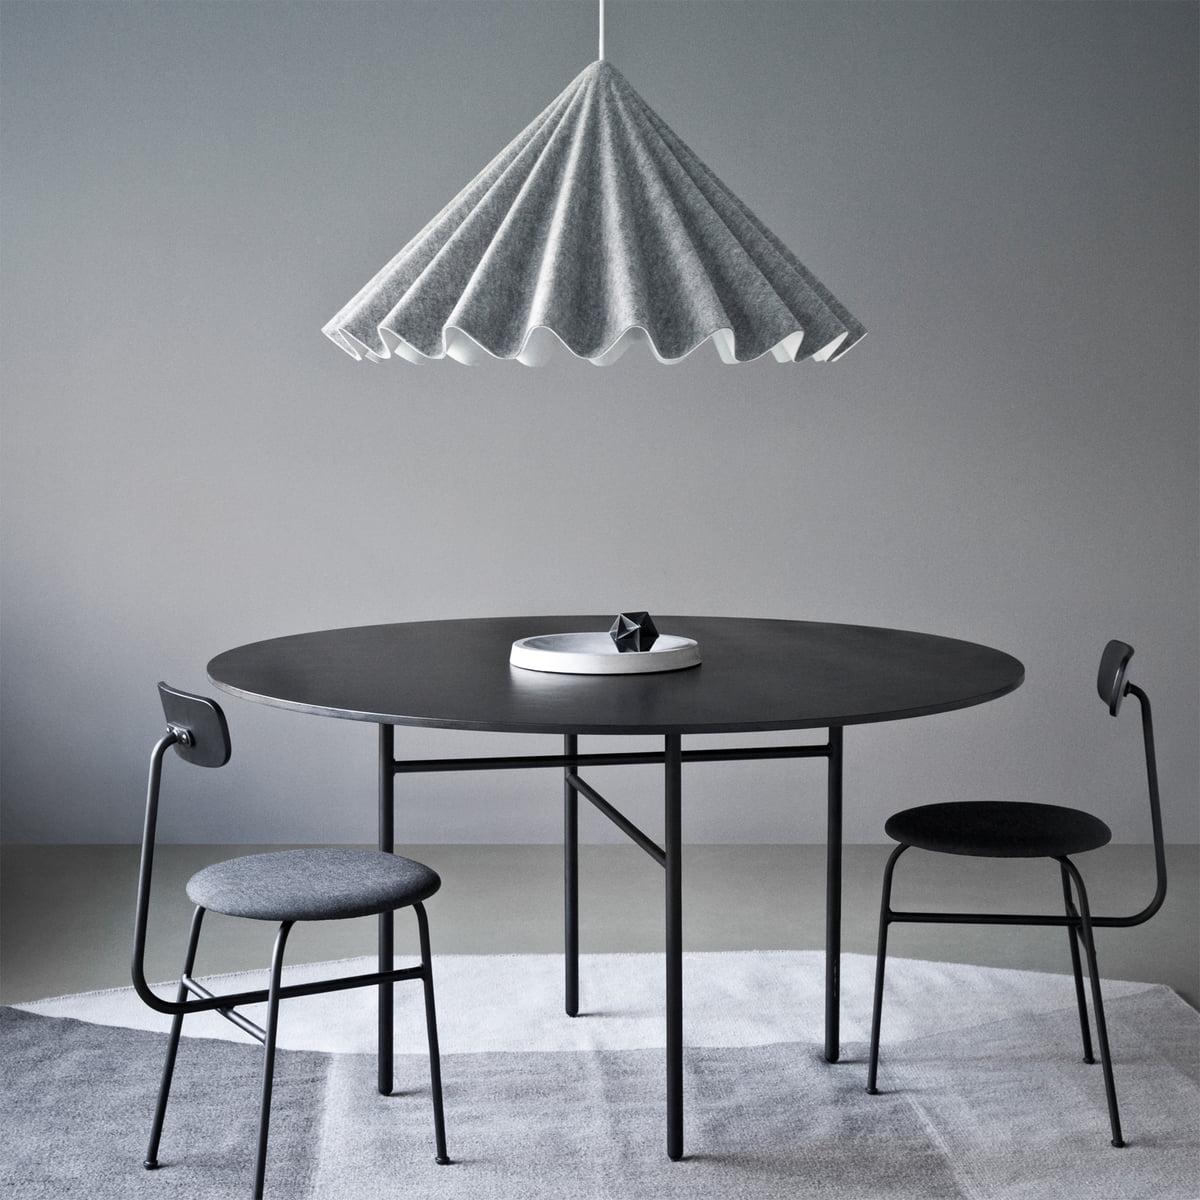 Tisch designklassiker rund  Menu - Snaregade Tisch, Ø 120 cm, Eichenfurnier schwarz gebeizt